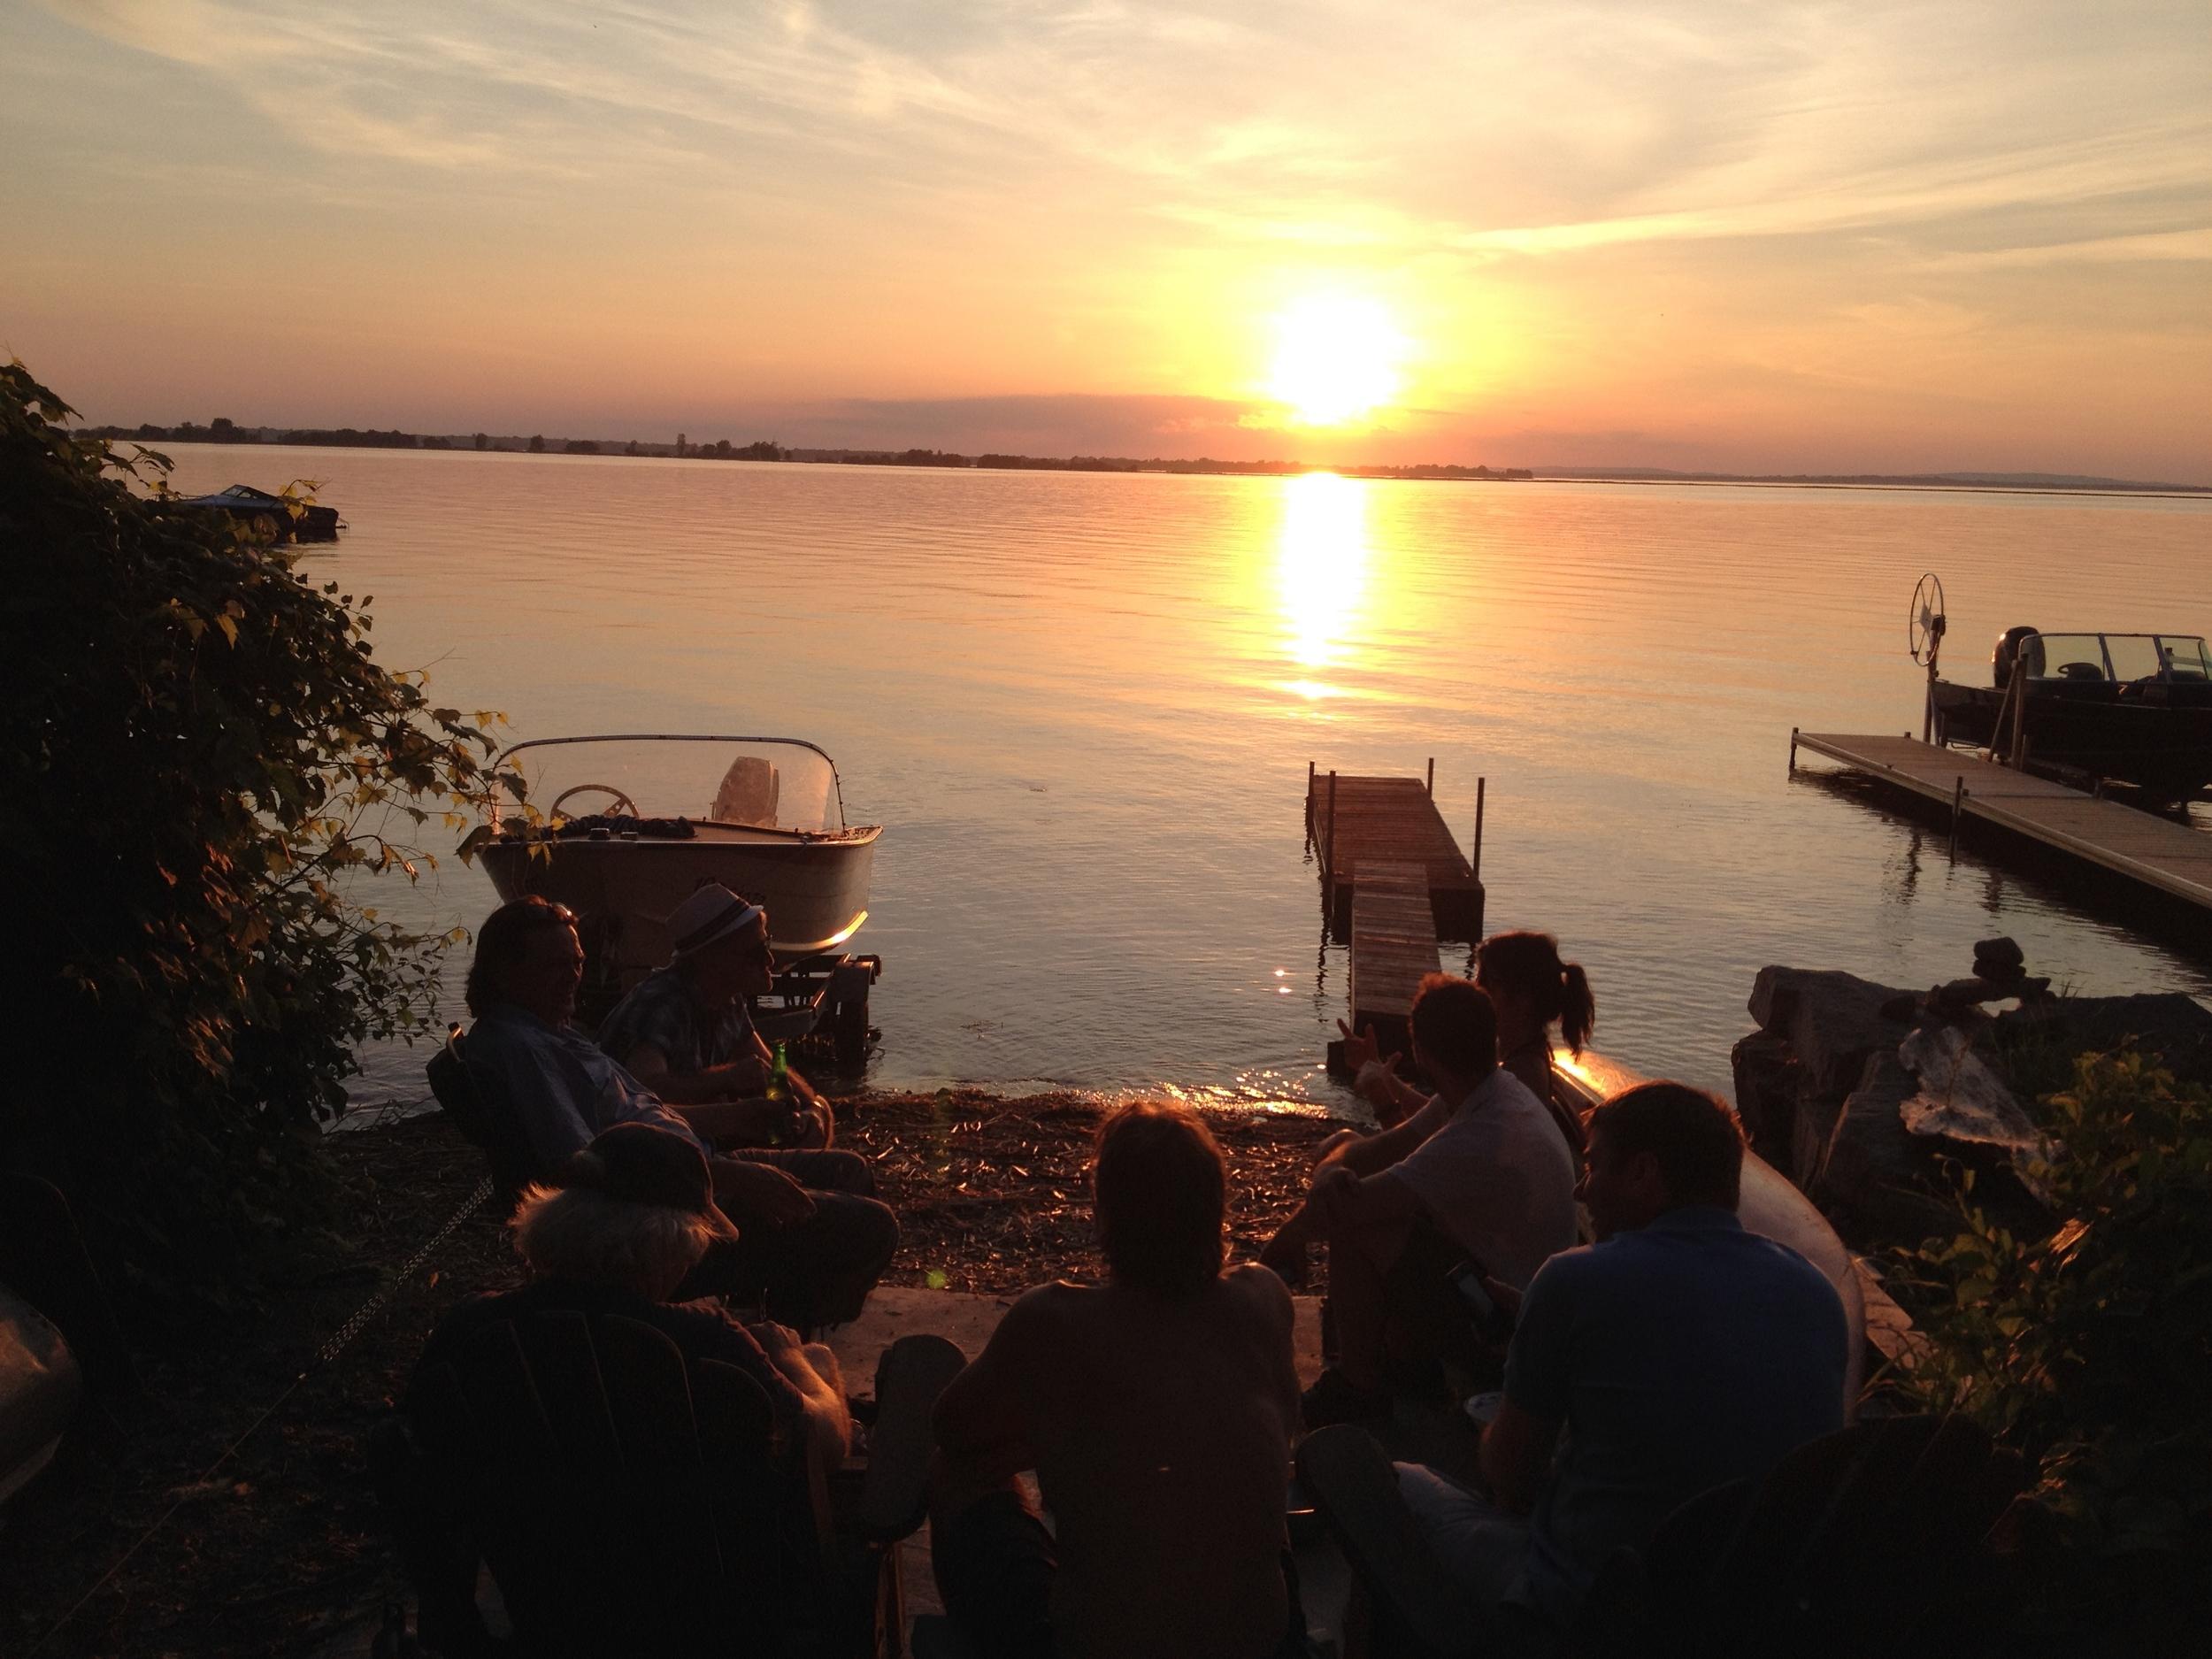 le Lac St-Louis, si près de la ville mais si loin en même temps...